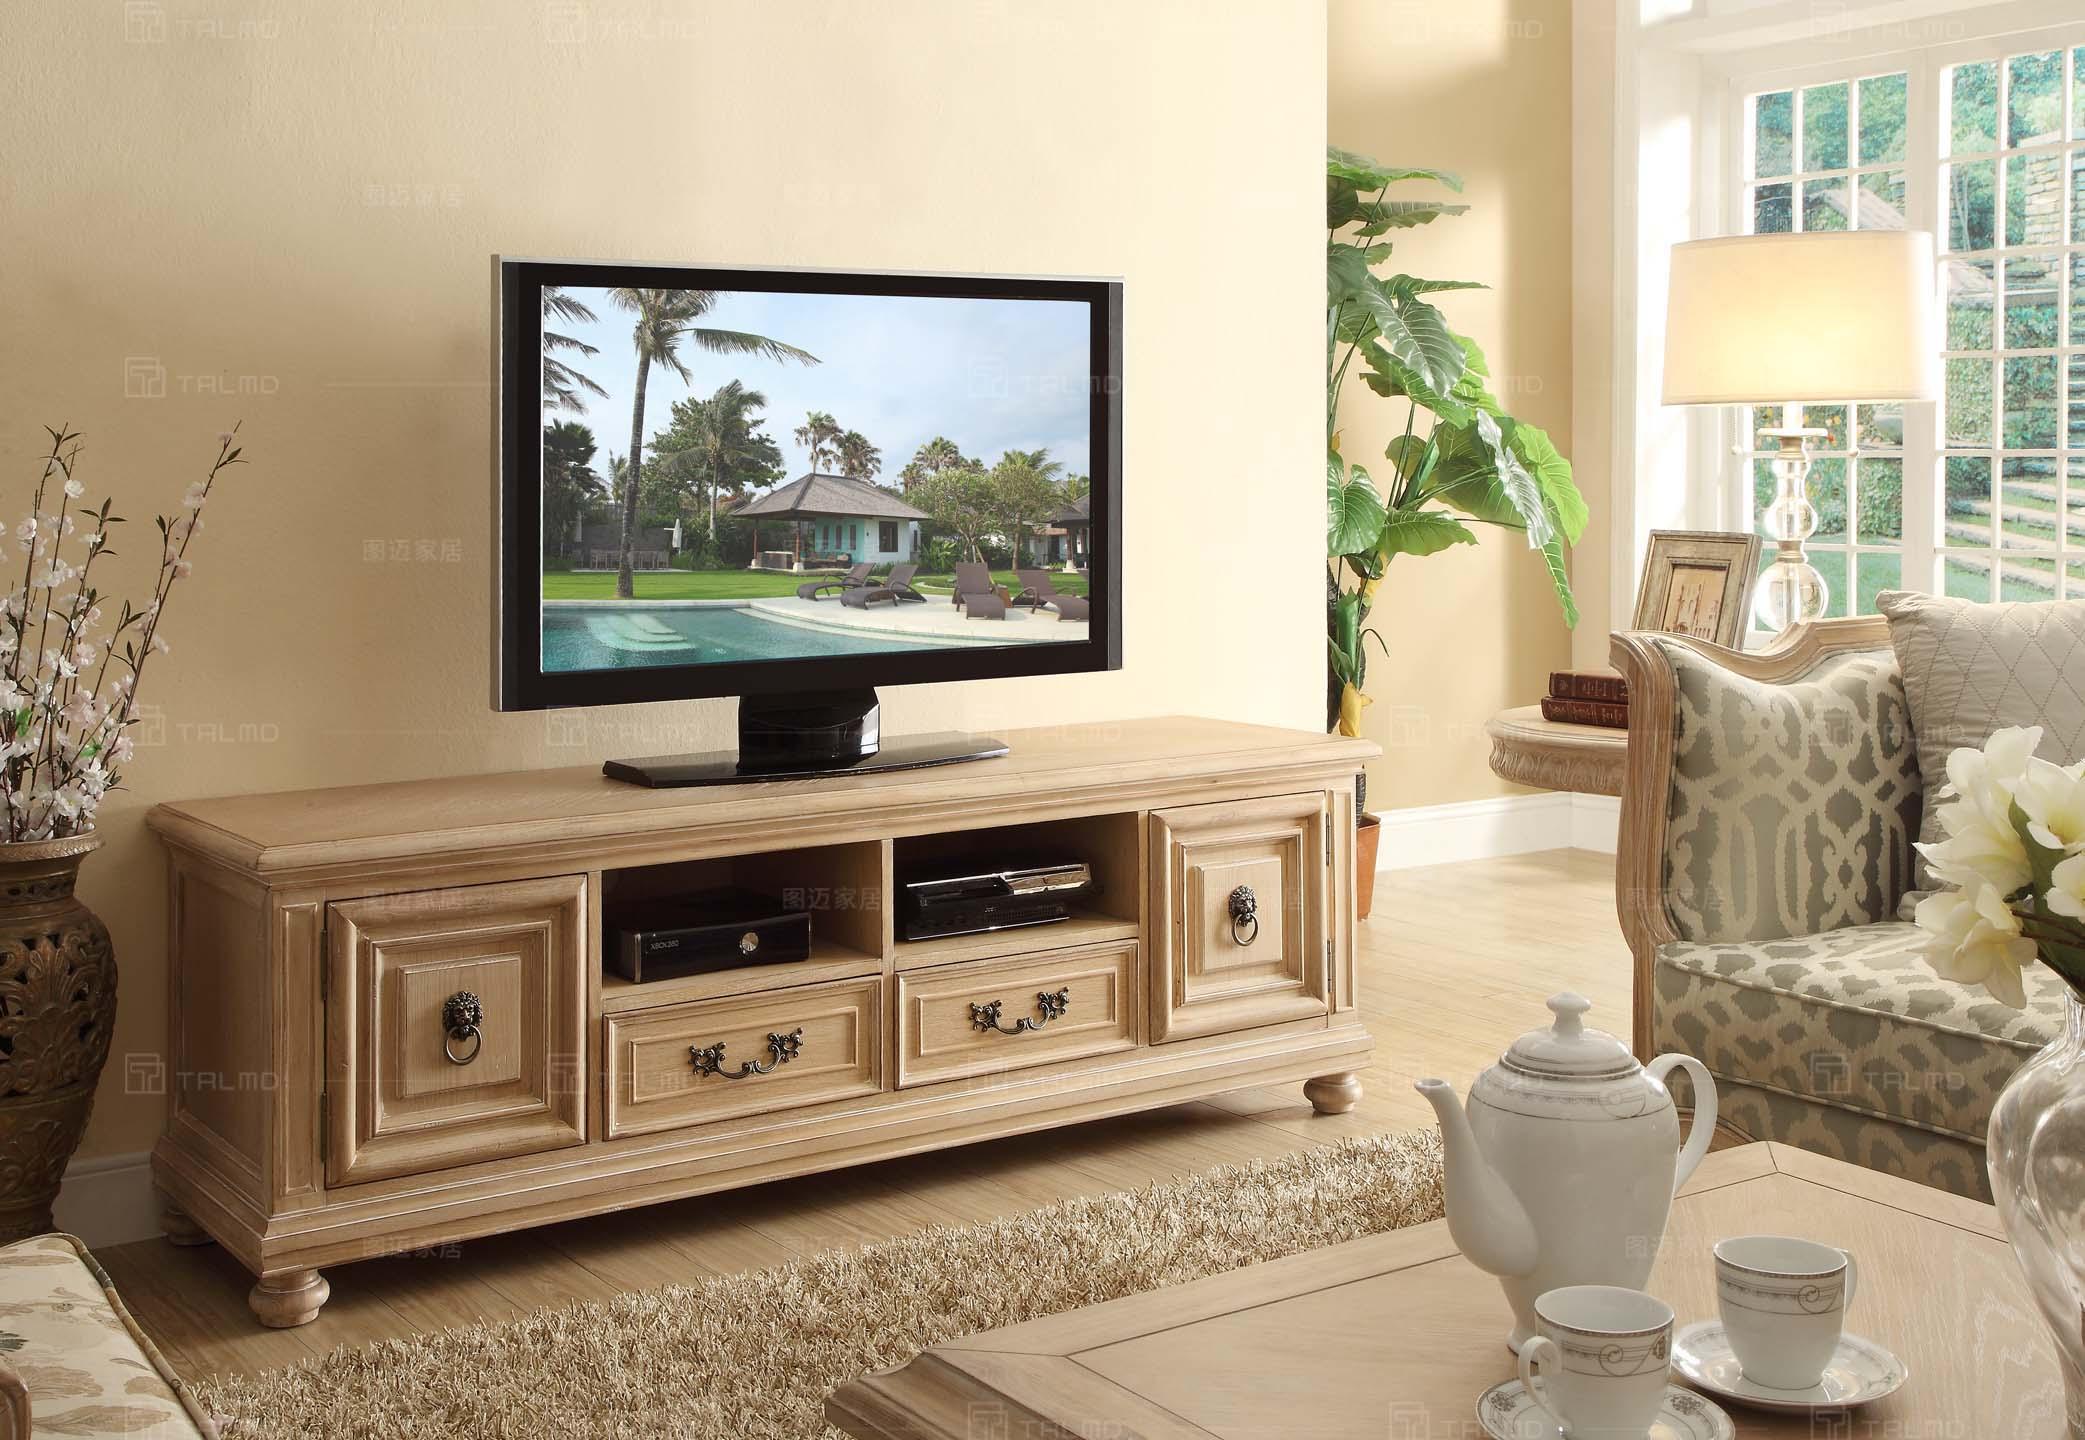 客厅沙发柜的种类  保养柜类家具方法